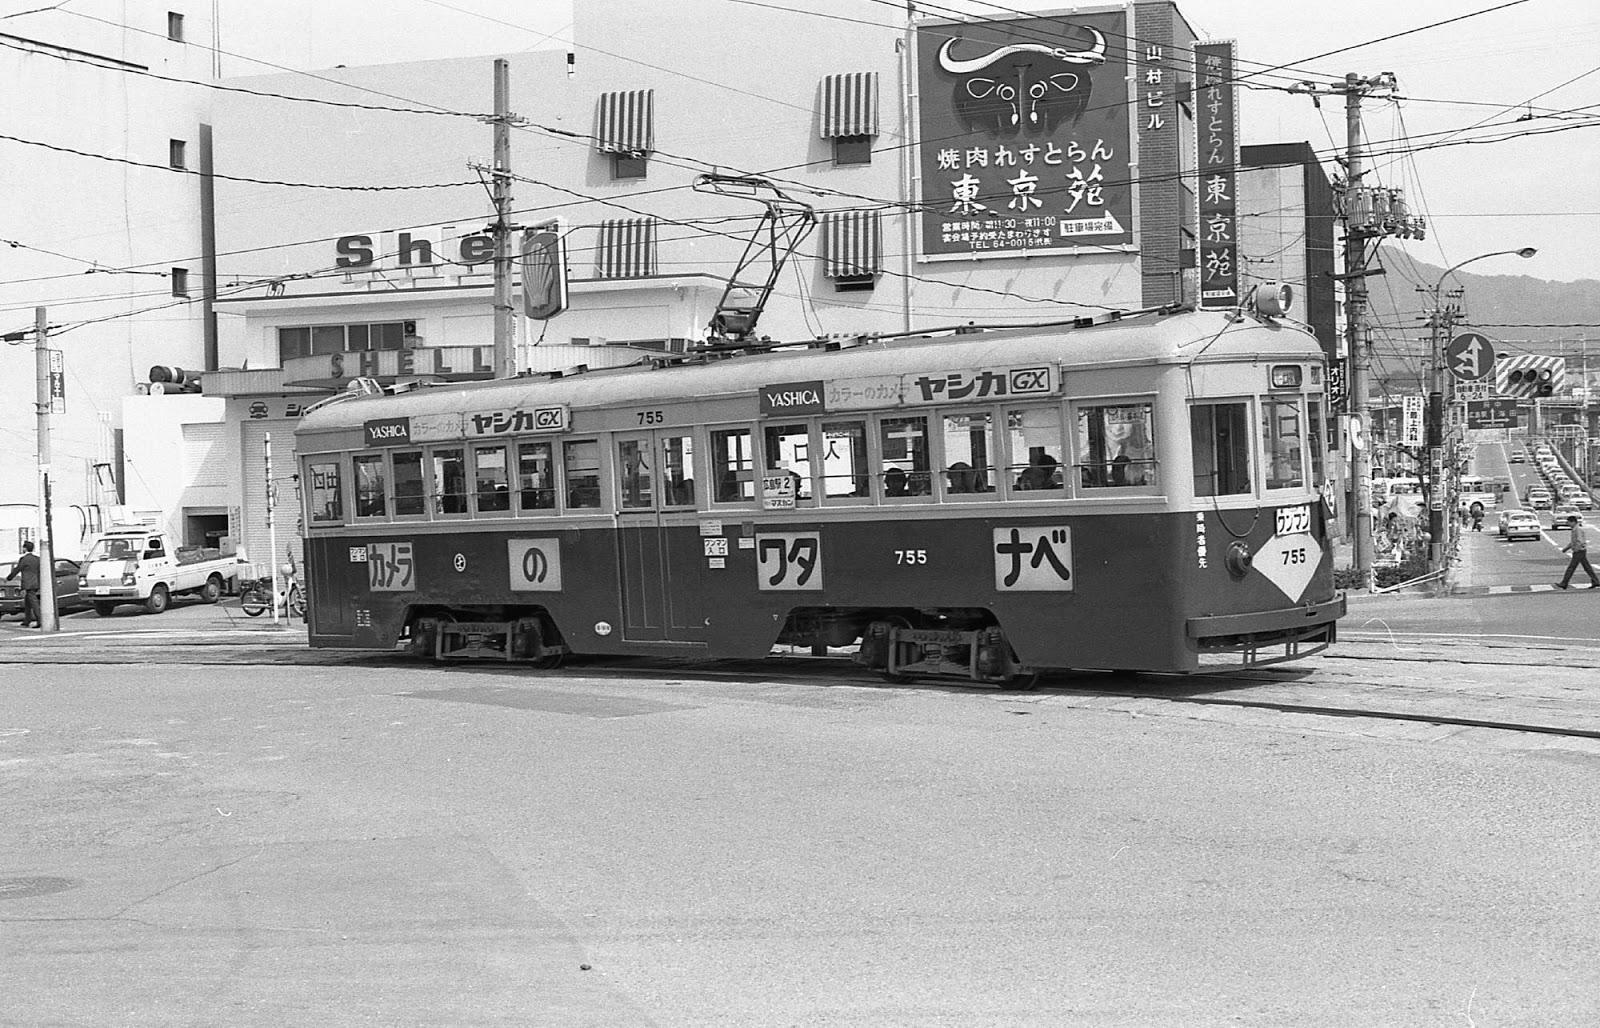 吊り掛け電車をもとめて: 元大阪市電の1601形